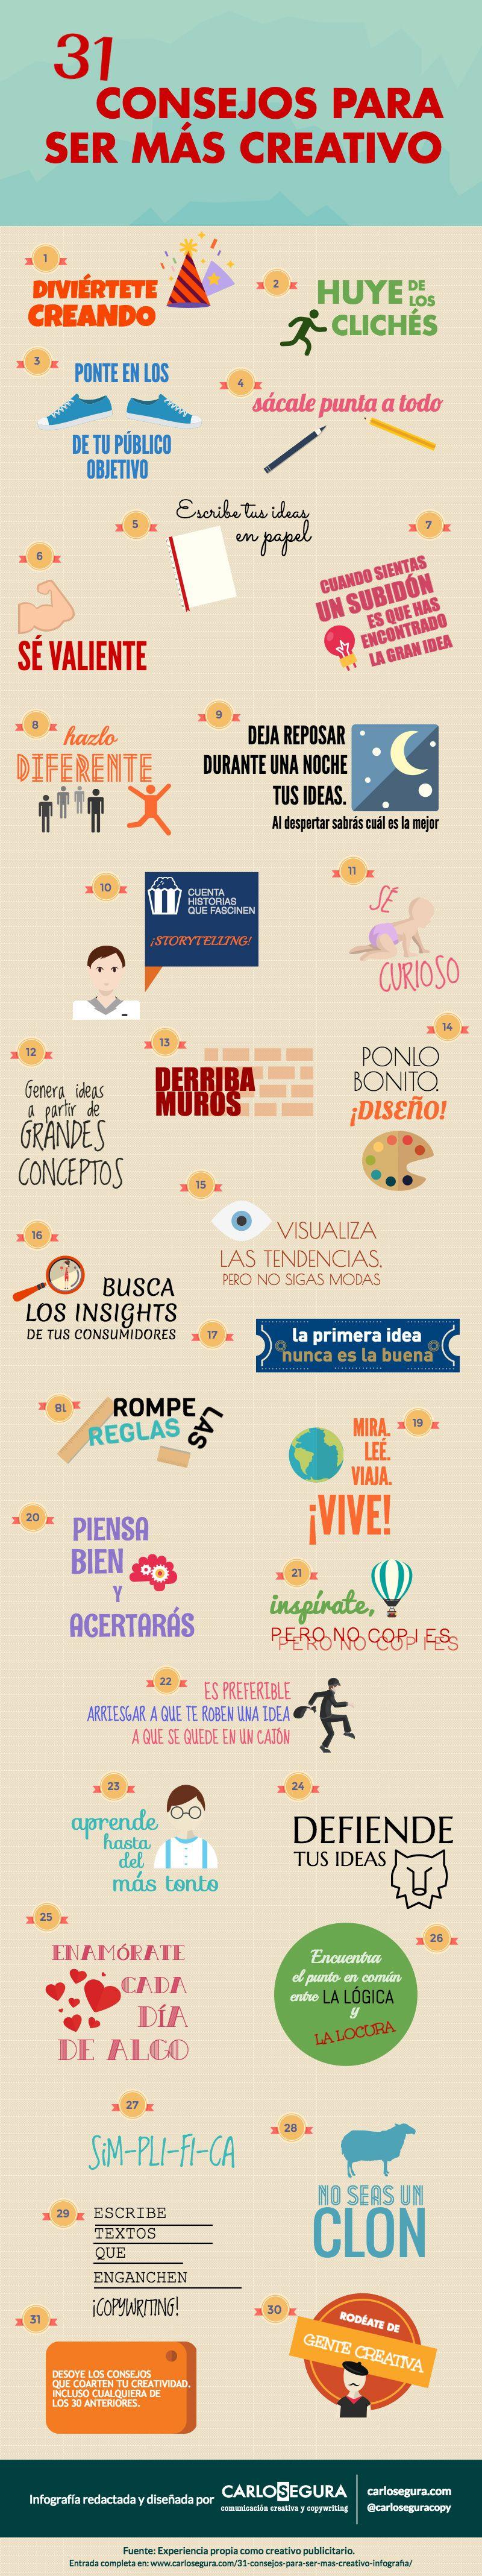 Infografía 31 consejos para ser más creativo. Creación y entrada original: carlosegura.com